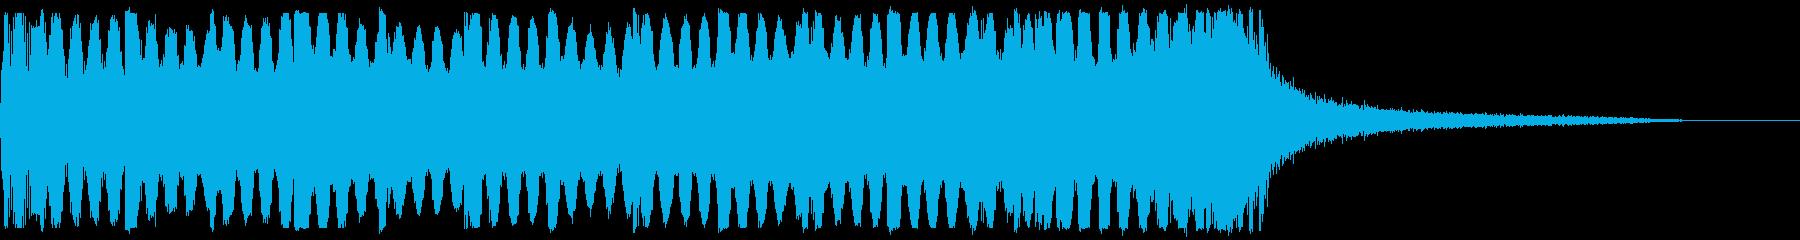 ジャングルの拍手 盛り上げ の再生済みの波形